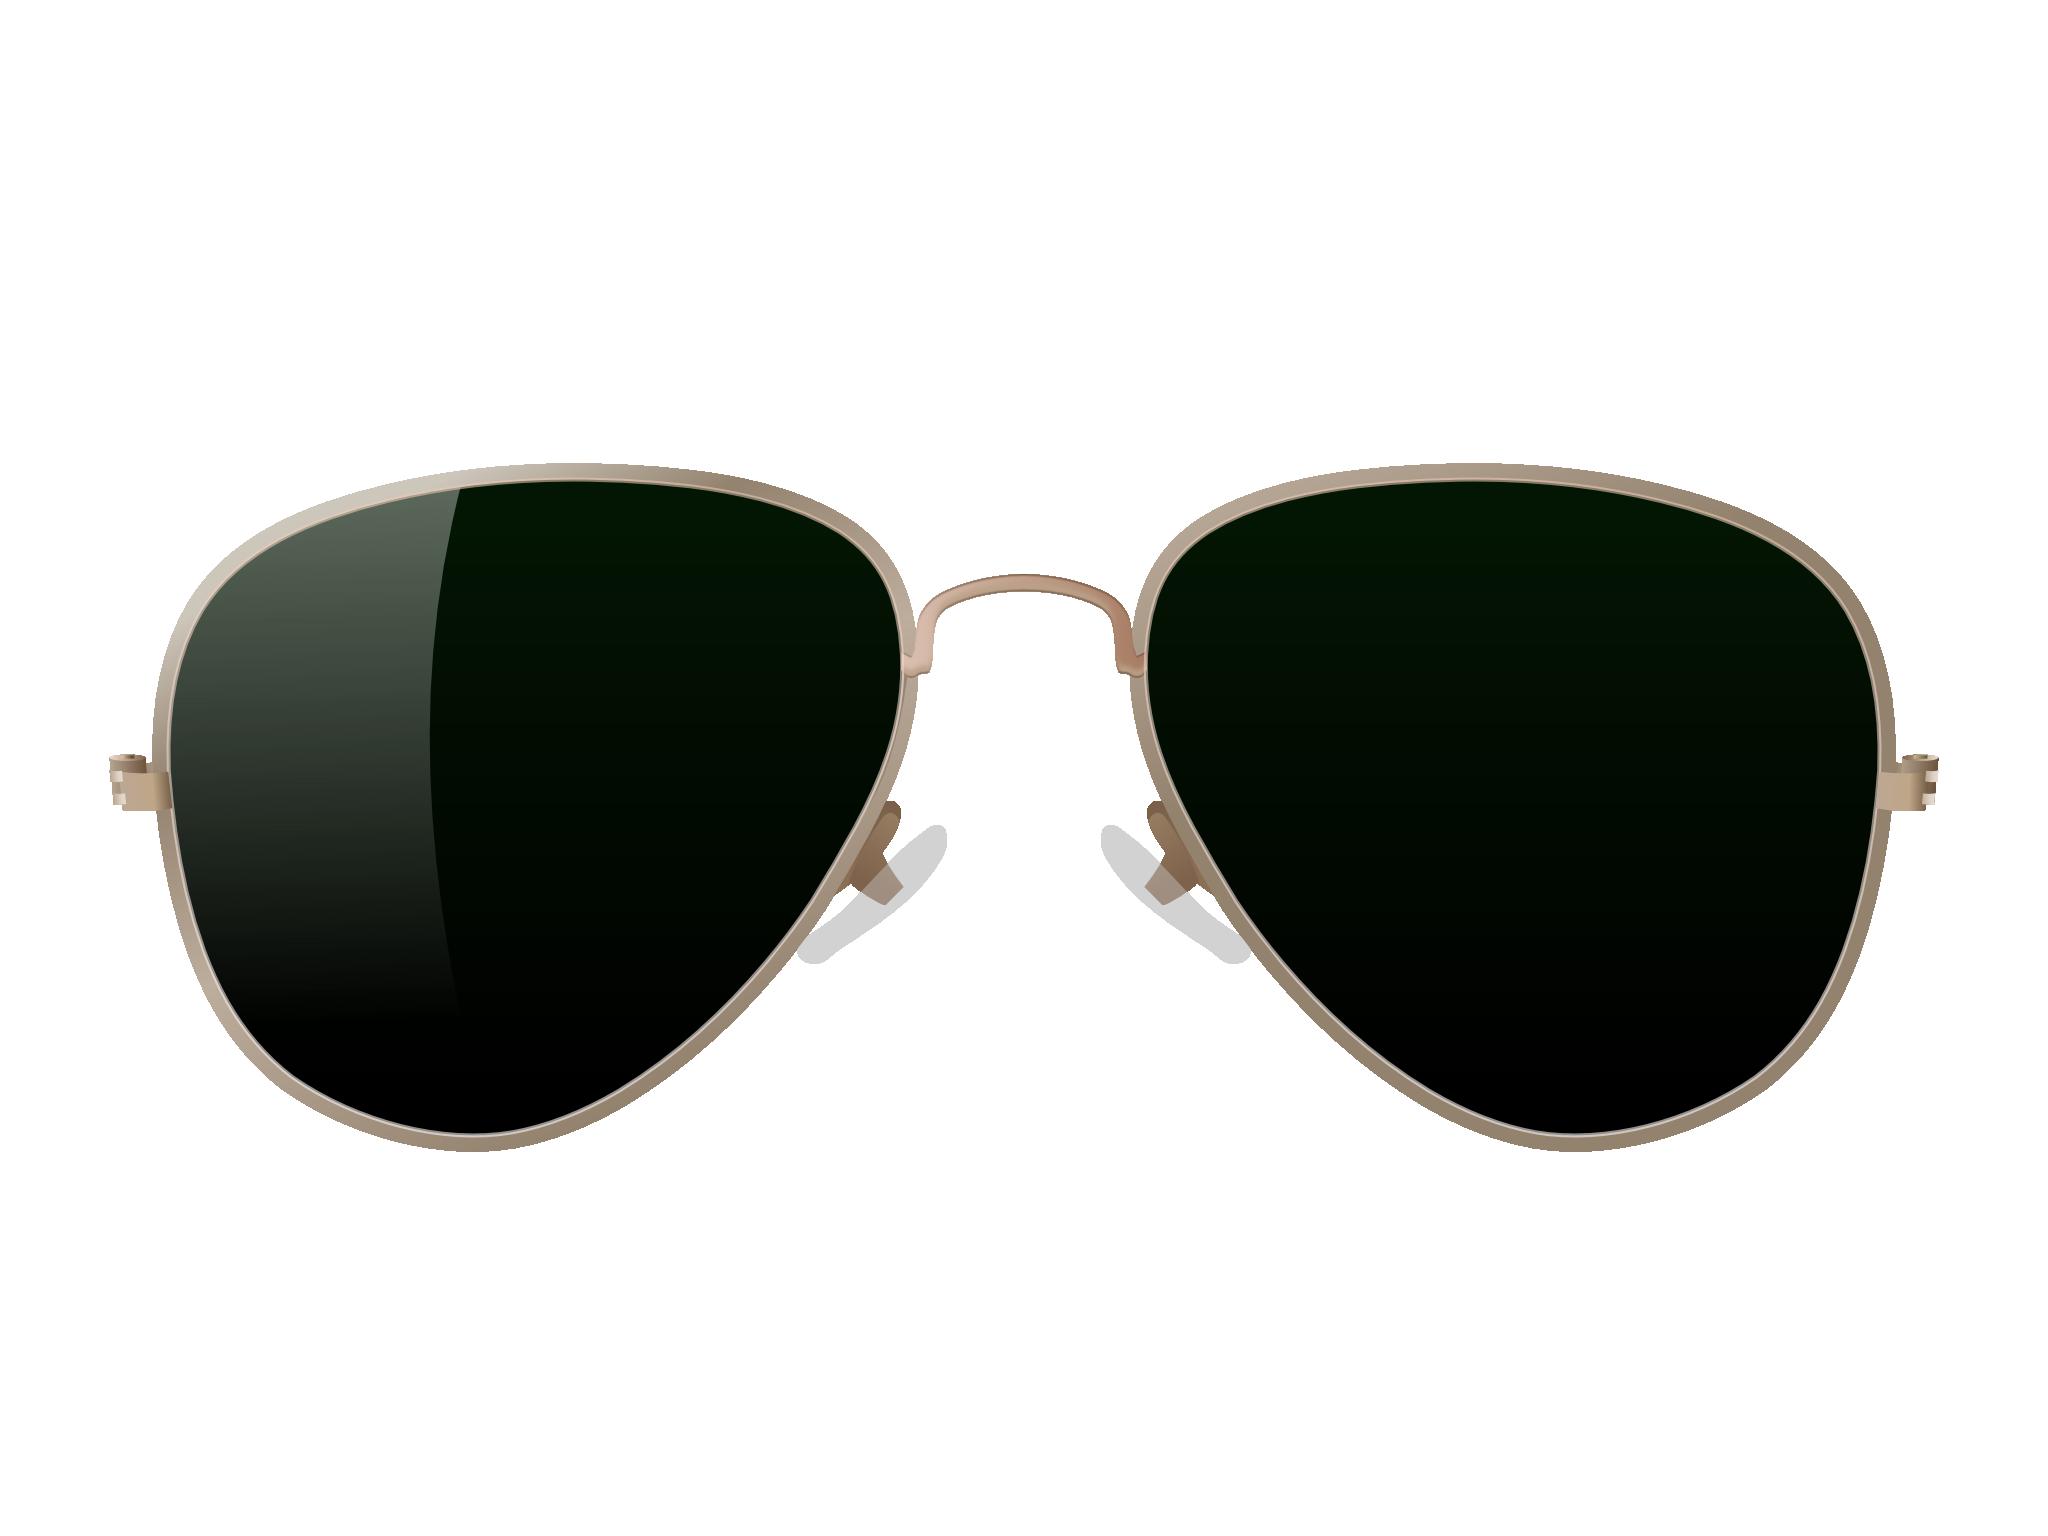 Sunglasses PNG - 4389